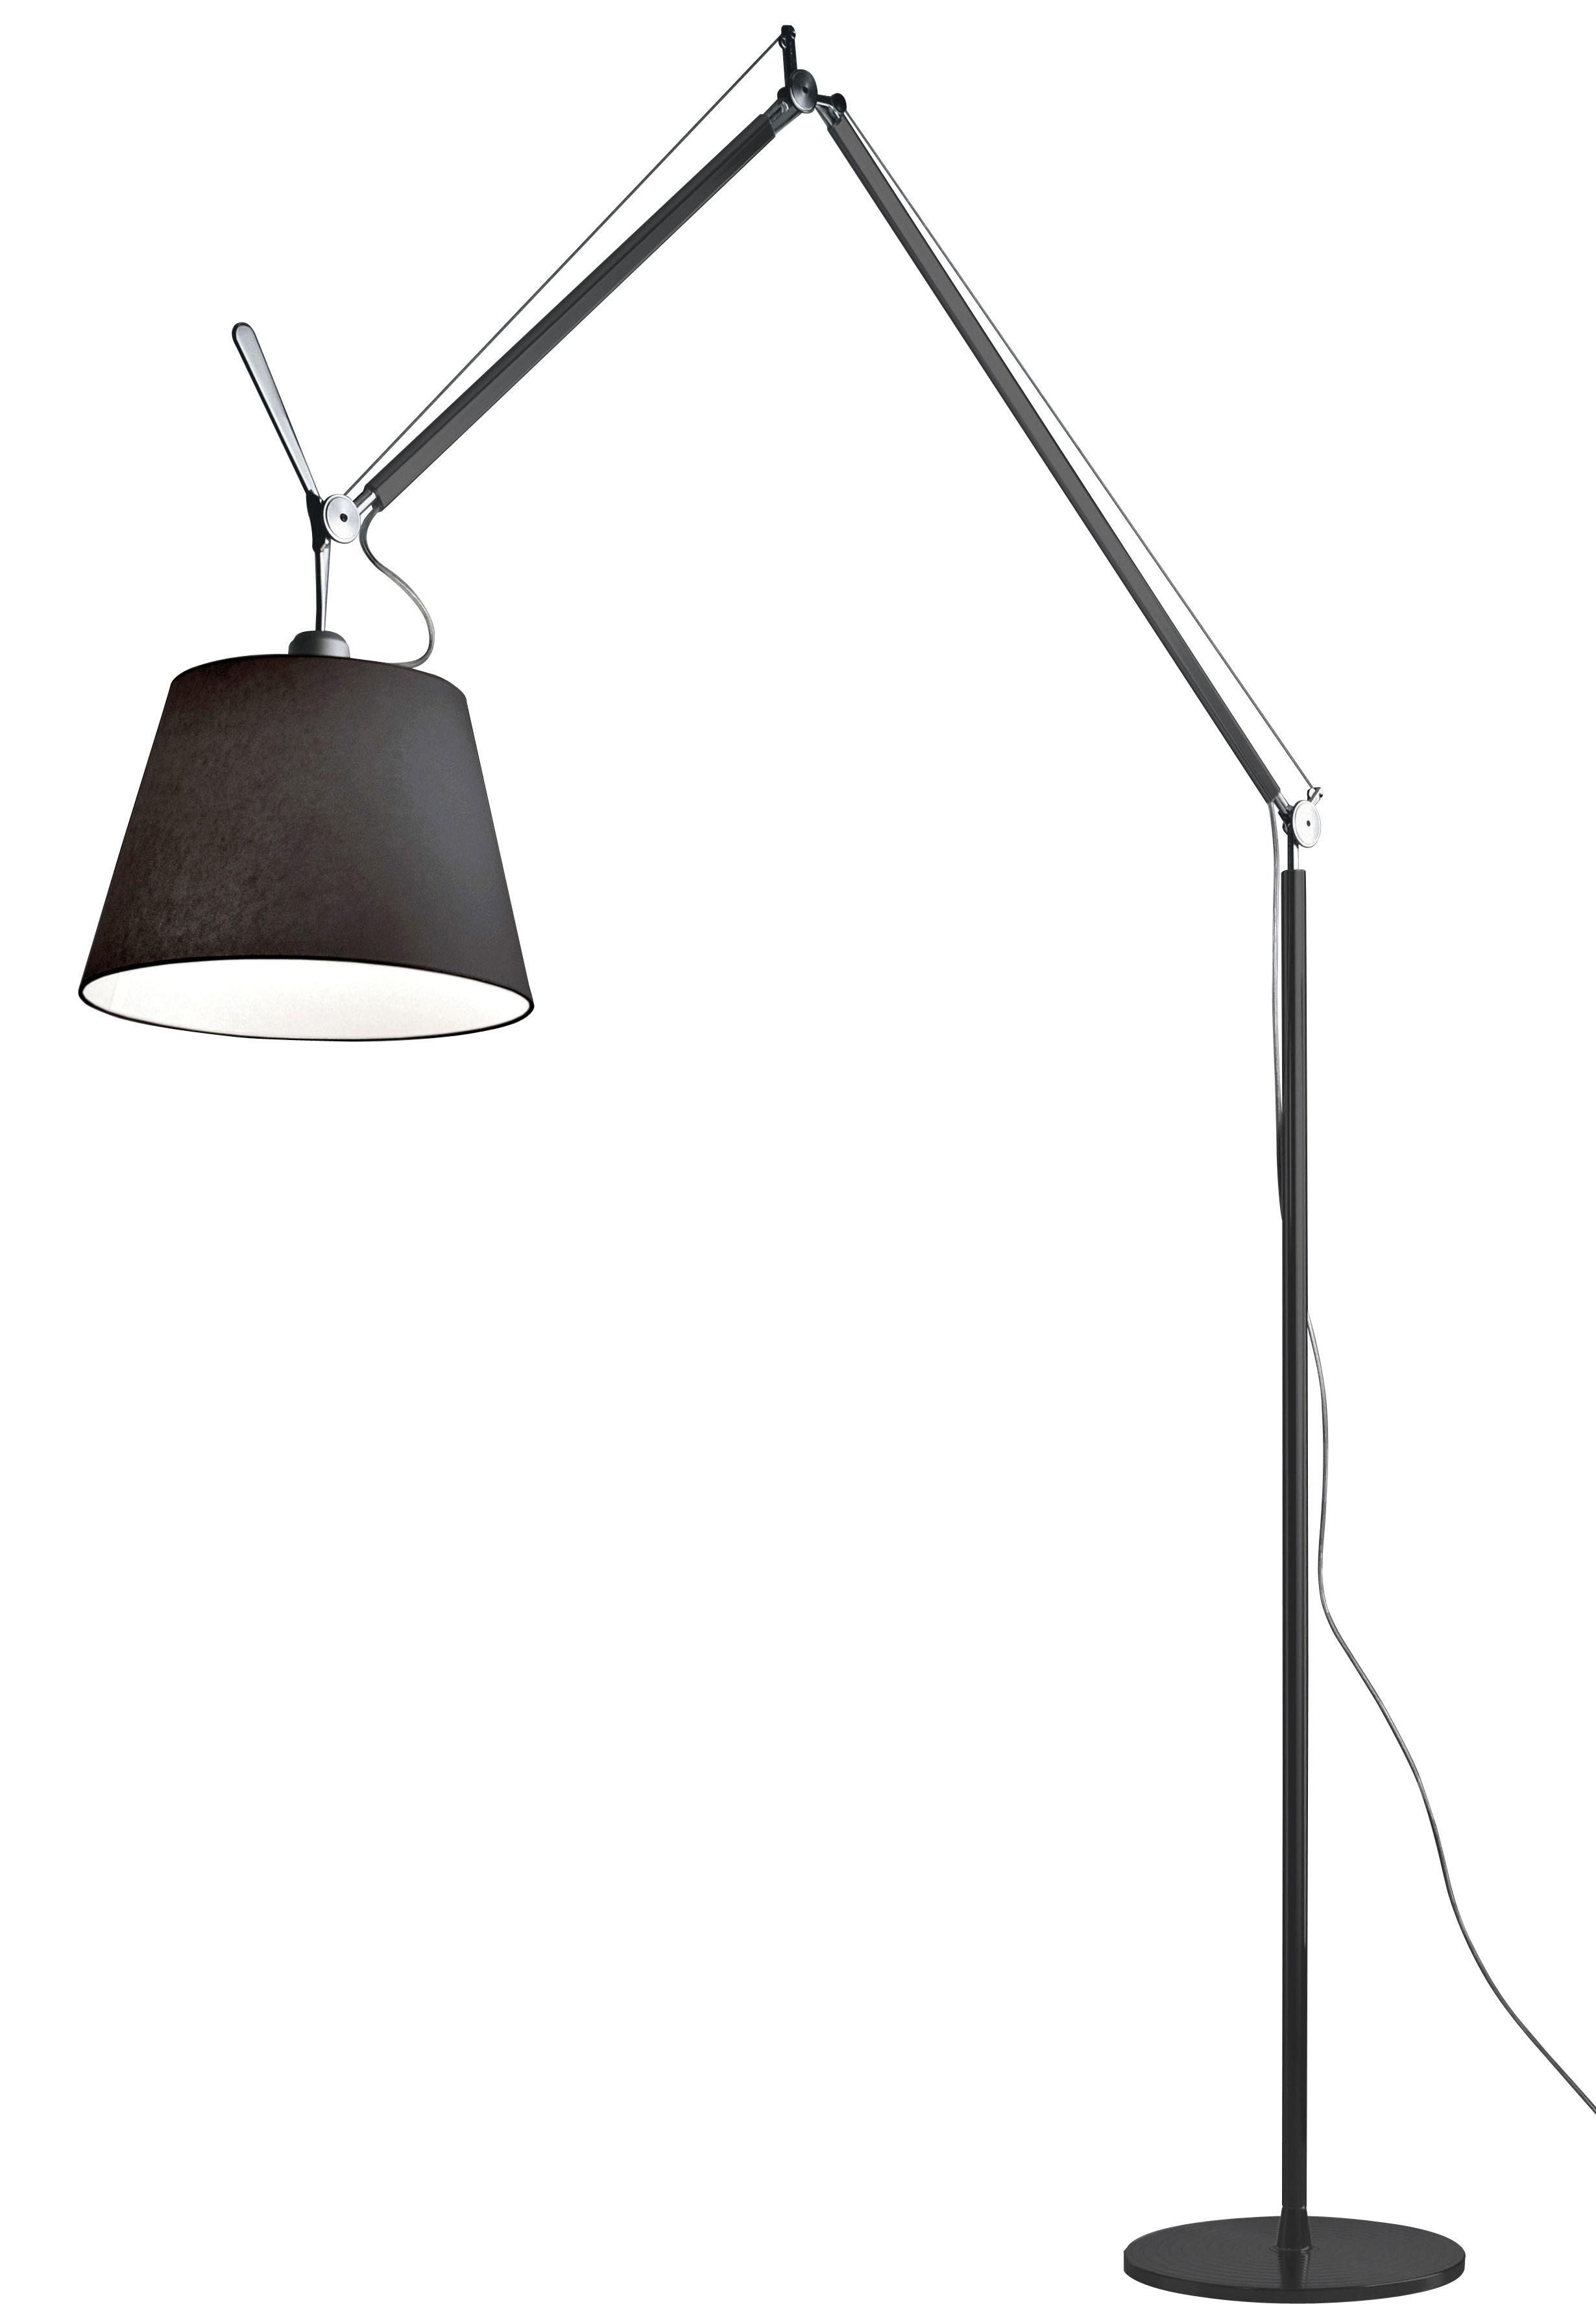 tolomeo mega led floor lamp lampshade 36 cm black by artemide made in design uk. Black Bedroom Furniture Sets. Home Design Ideas